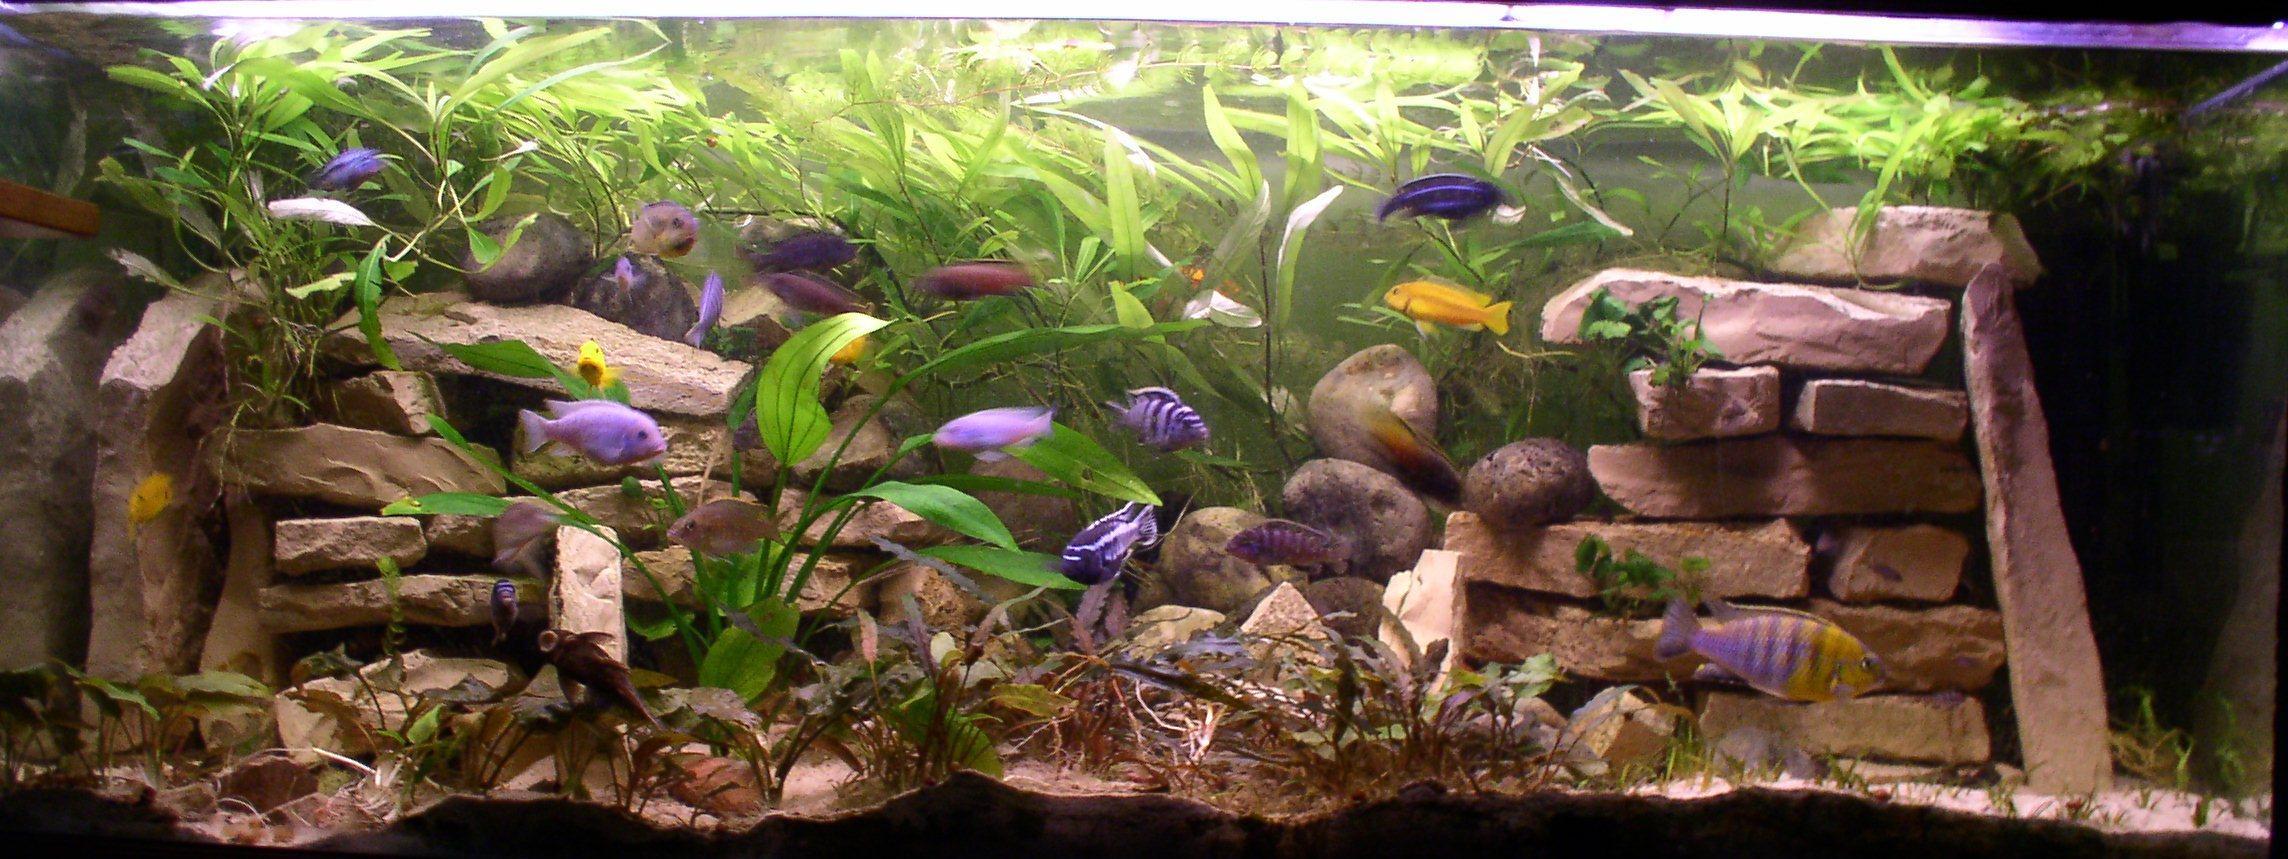 algues diverses et fertilisation besoin de conseils - Page 2 Plantes_bac_malawi